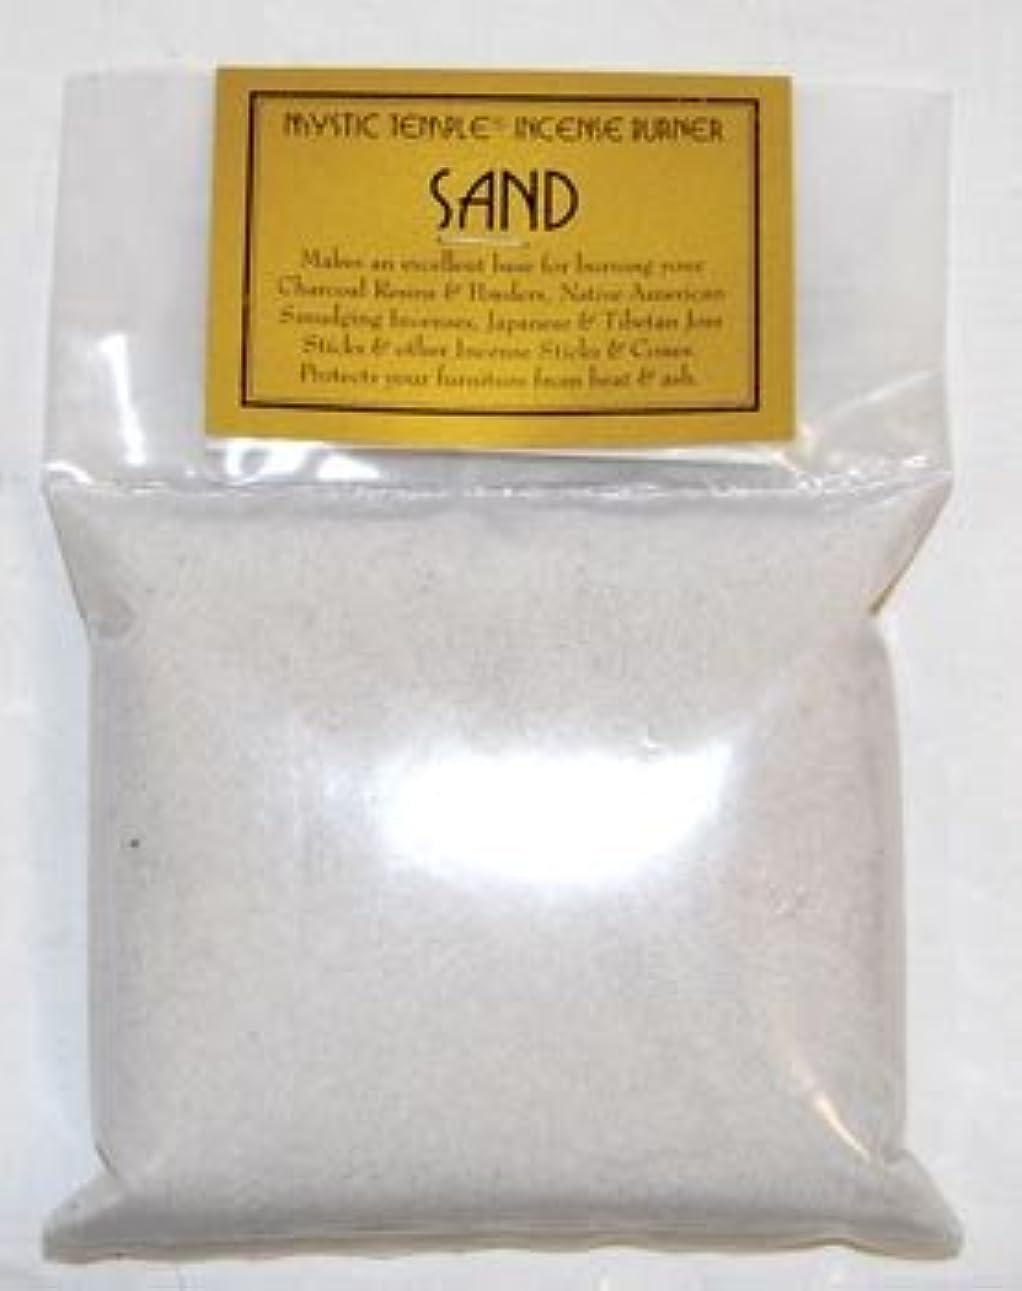 ラックより良い取り囲む新しい1lbホワイト香炉砂( Incense Burners、チャコール、アクセサリー